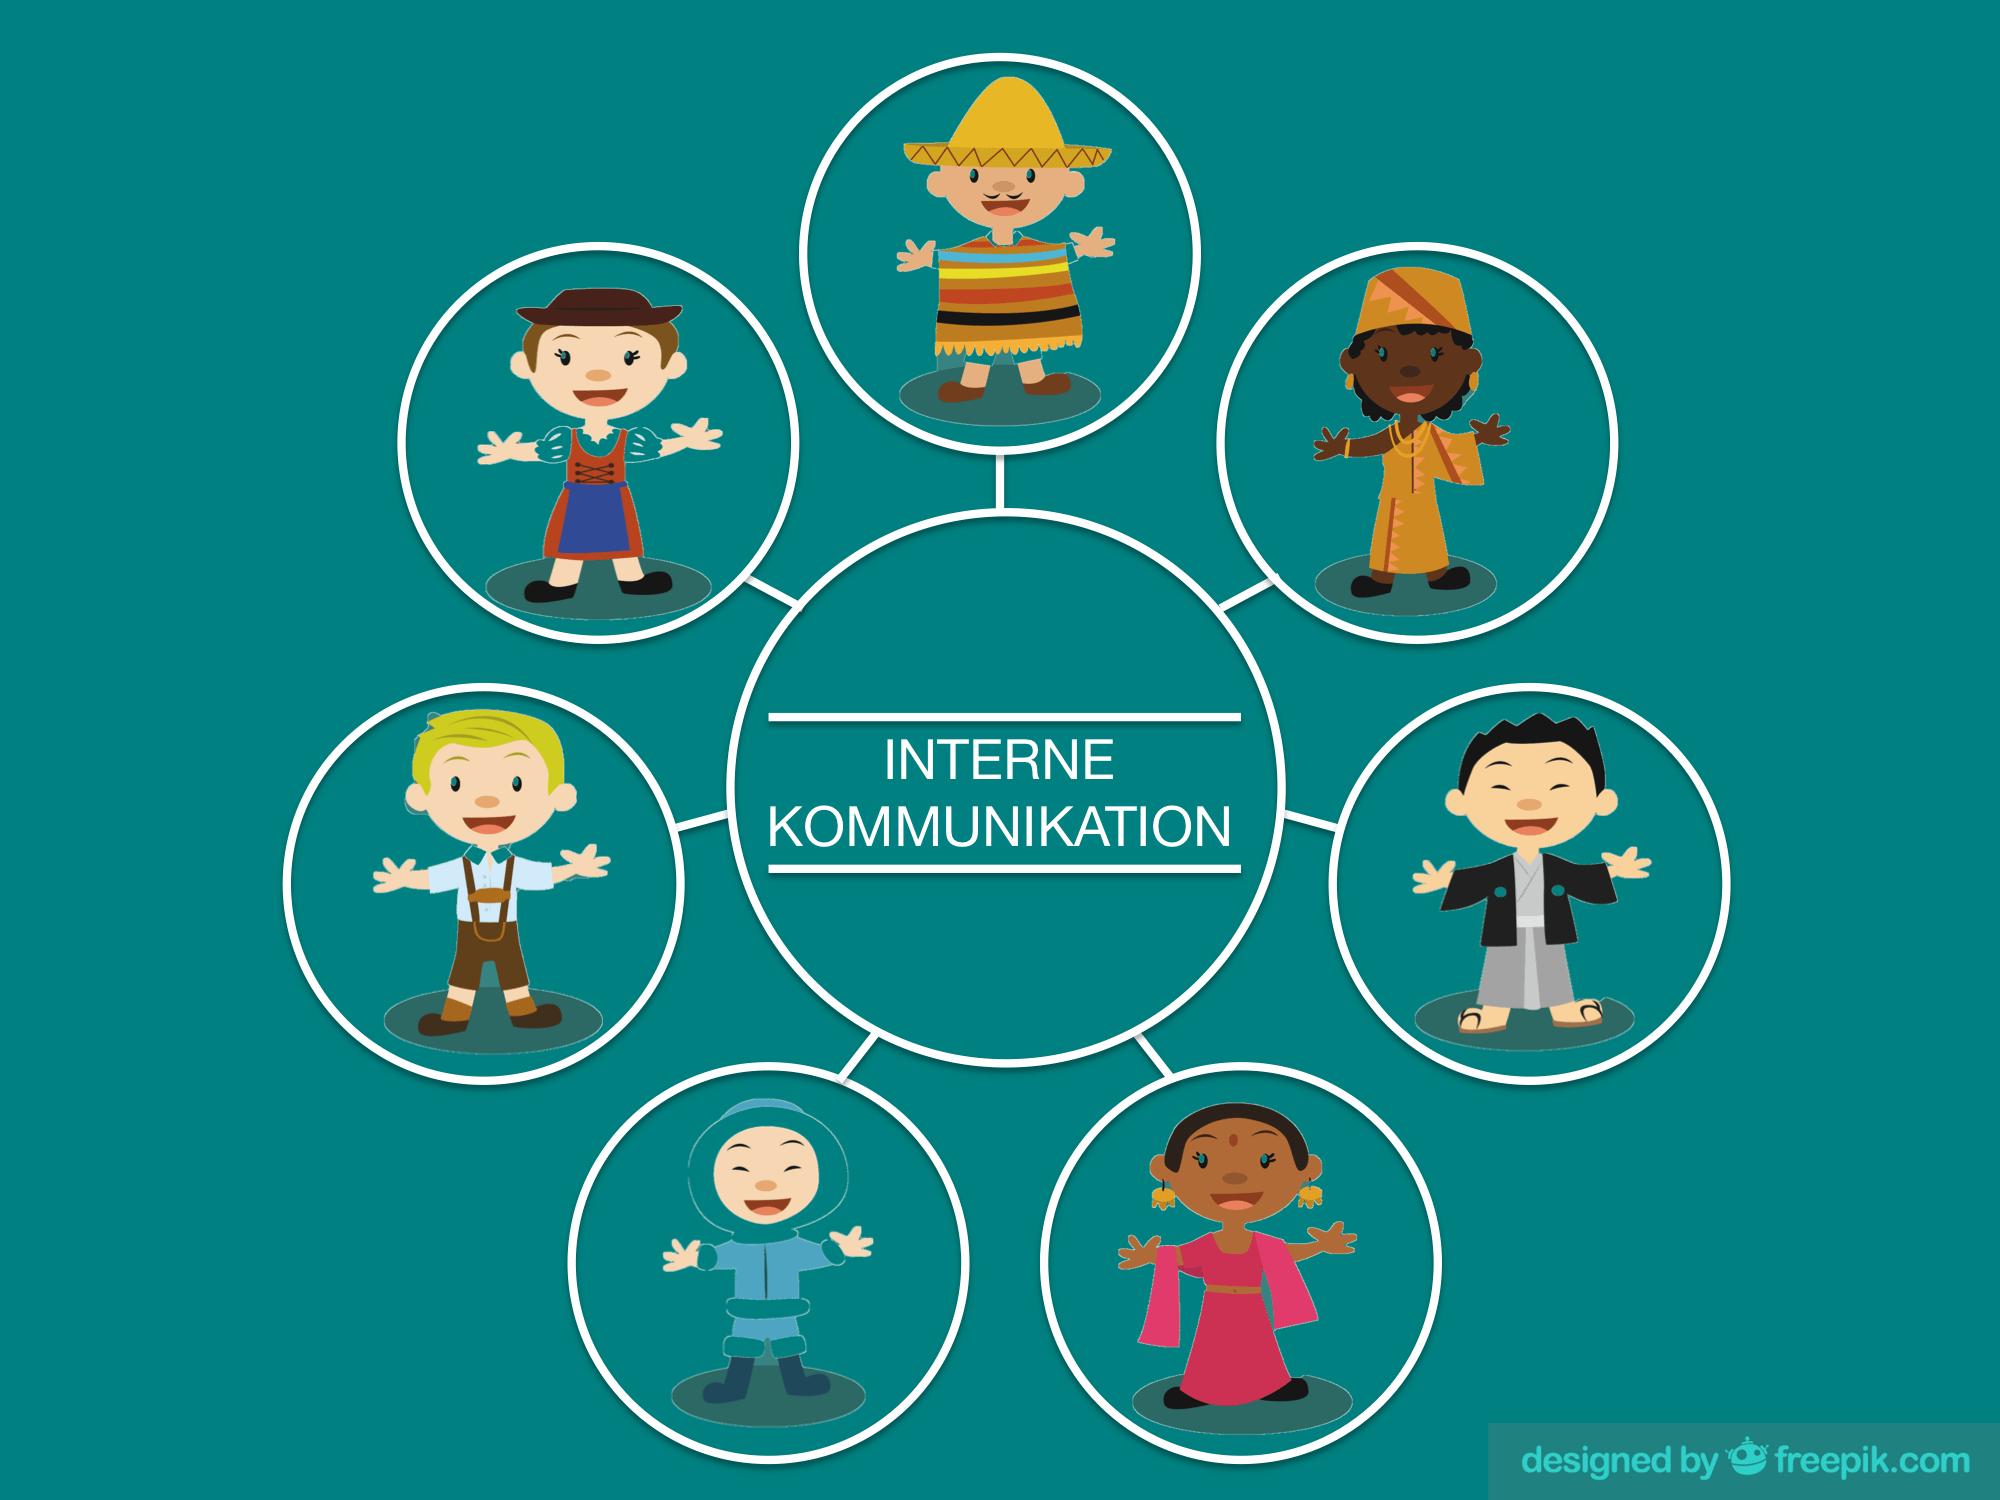 Kulturen Unternehmen International Interne Kommunikation